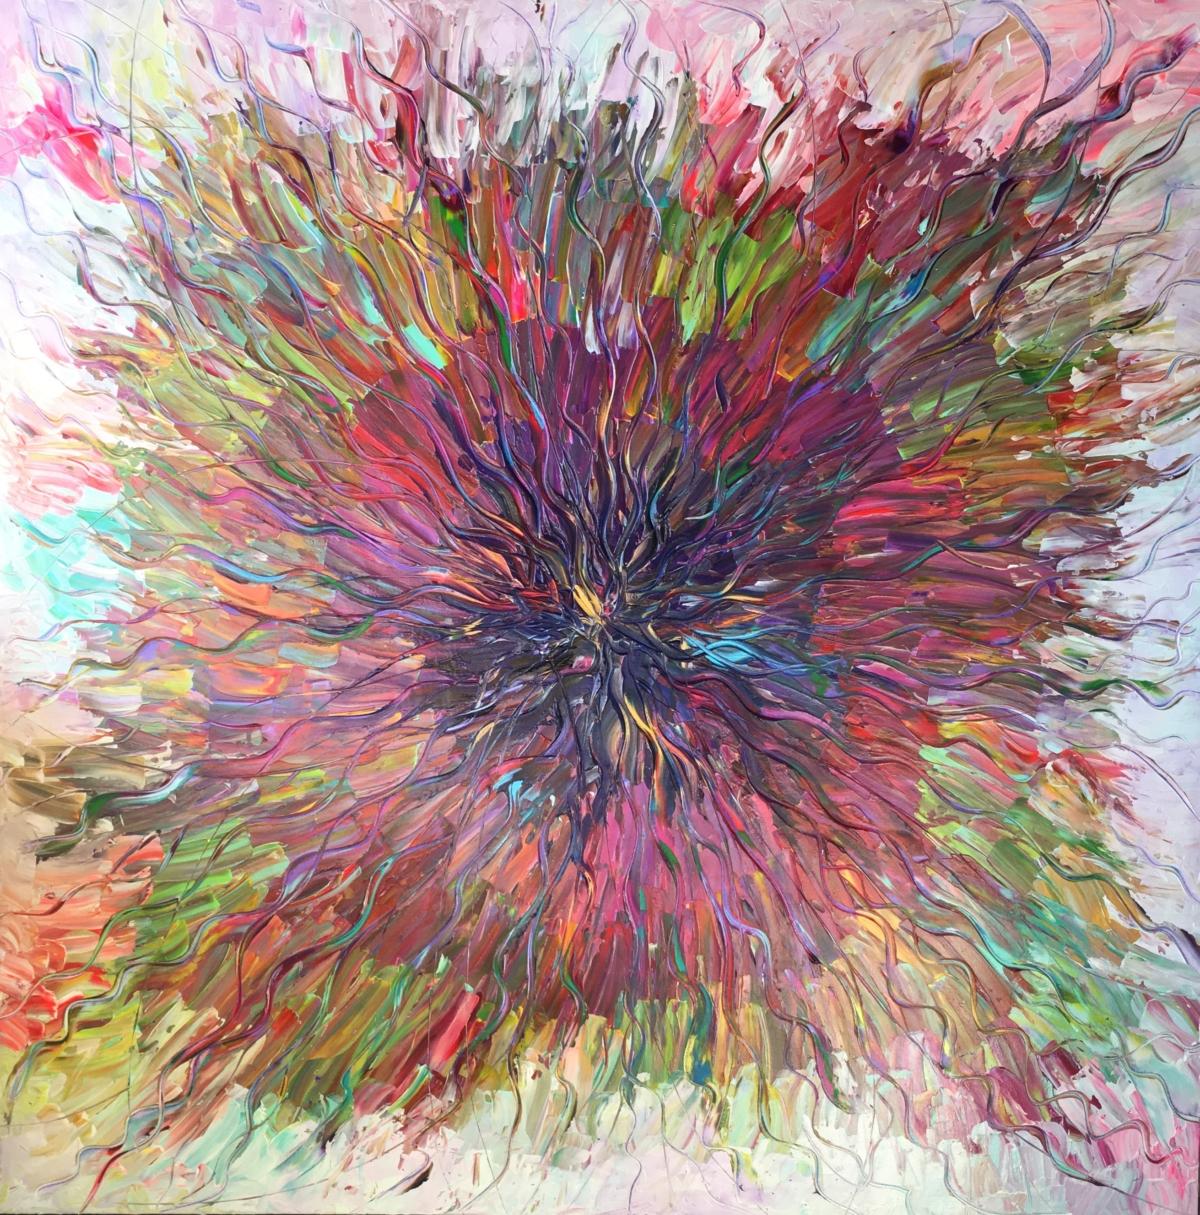 La série Solar Plasma a pour thème central la force brute de la Vie. L'artiste par une peinture forte, presque violente, faite de couleurs crues et de gestes puissants, nous offre sa vision de l'énergie primale du BigBang, des origines de la Vie. Lysa parvient à capturer la lumière et nous la restitue grâce au jeu des couleurs, des tracés mouvants et puissants qu'elle sculpte au couteau à peindre. Il en résulte une oeuvre en relief, hybride, à mi-chemin entre peinture et sculpture.